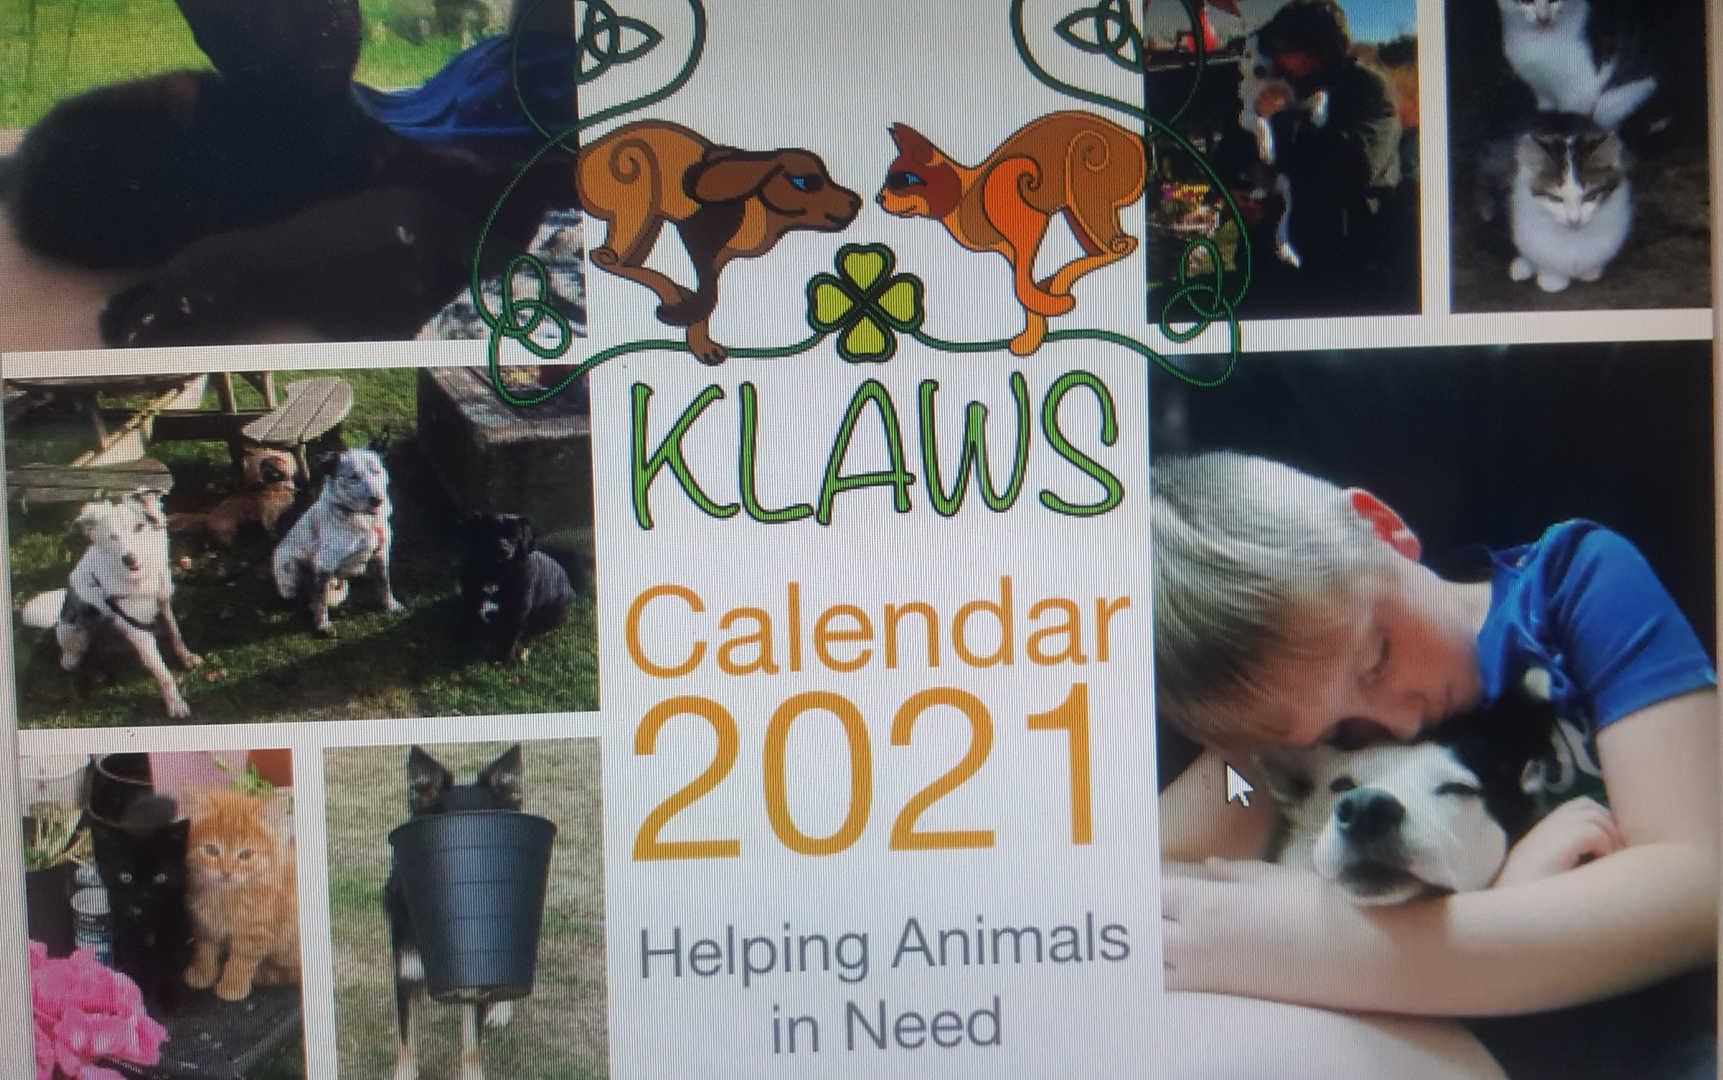 KLAWS Calendar